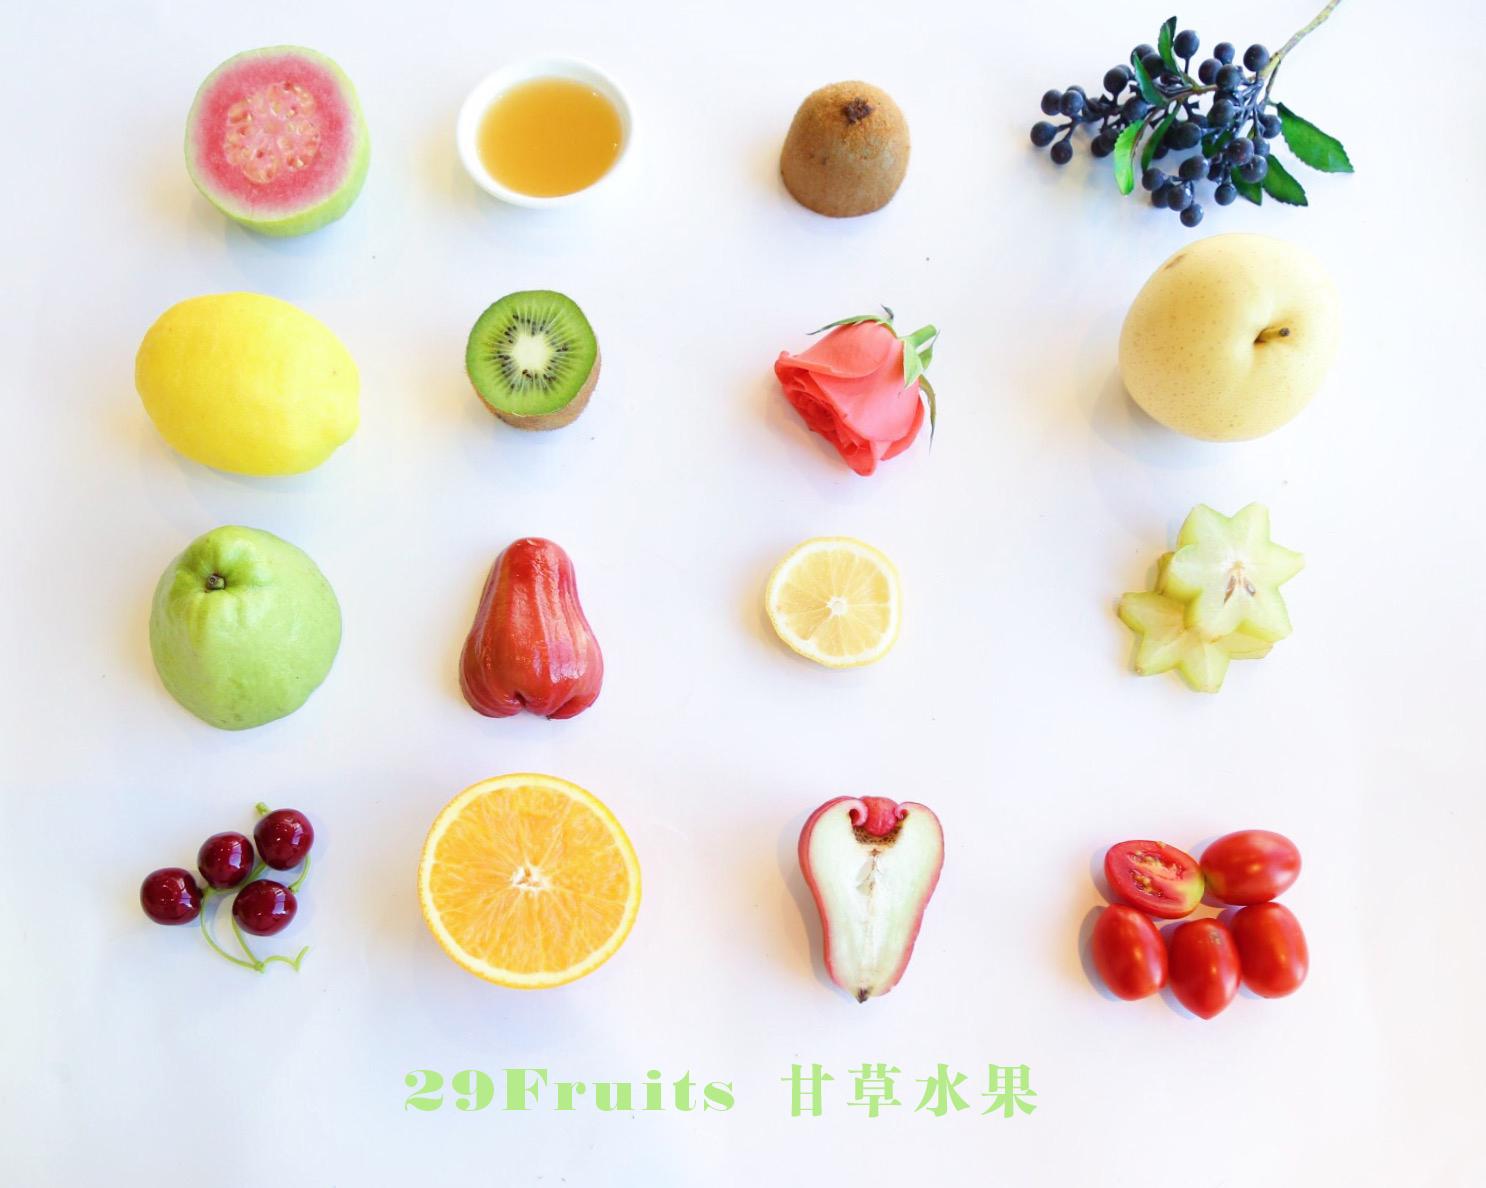 水果别犯这些低级错误